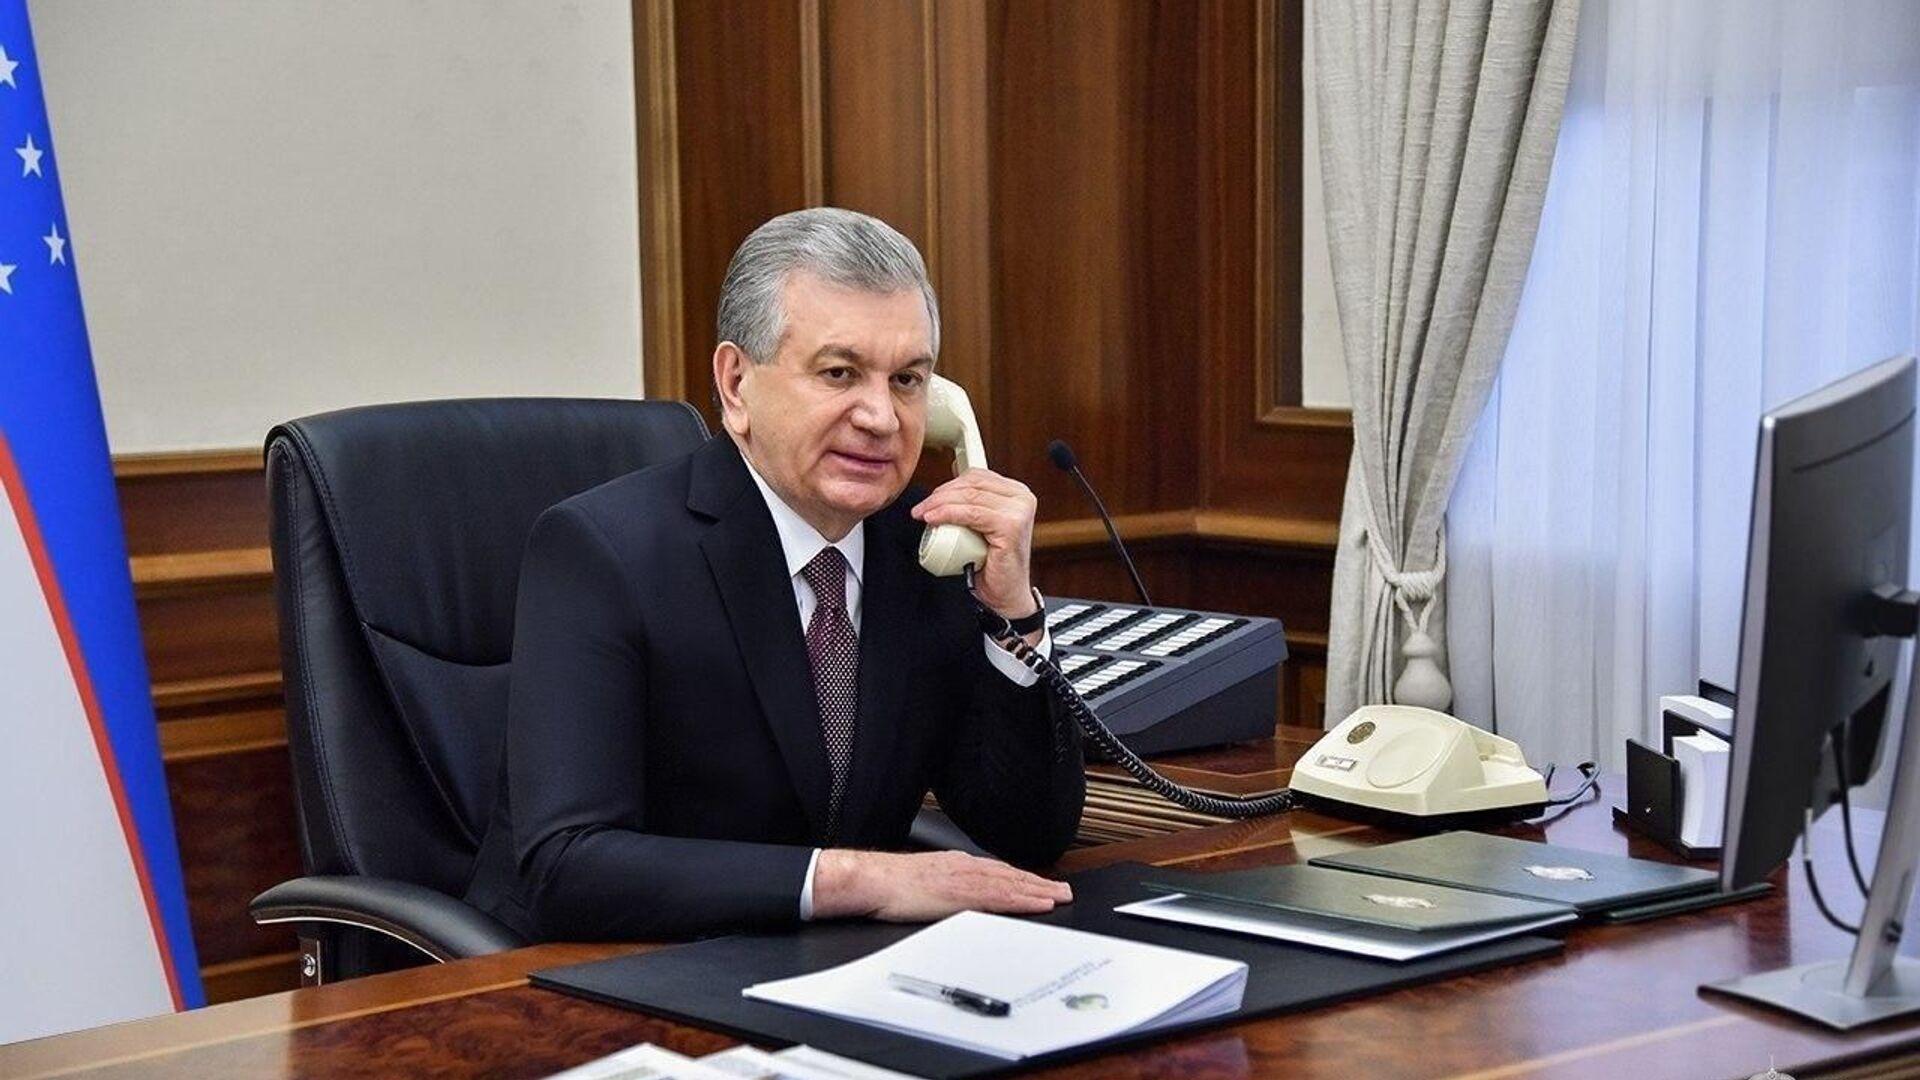 Prezident Shavkat Mirziyoyev razgovarivayet po telefonu - Sputnik Oʻzbekiston, 1920, 18.08.2021